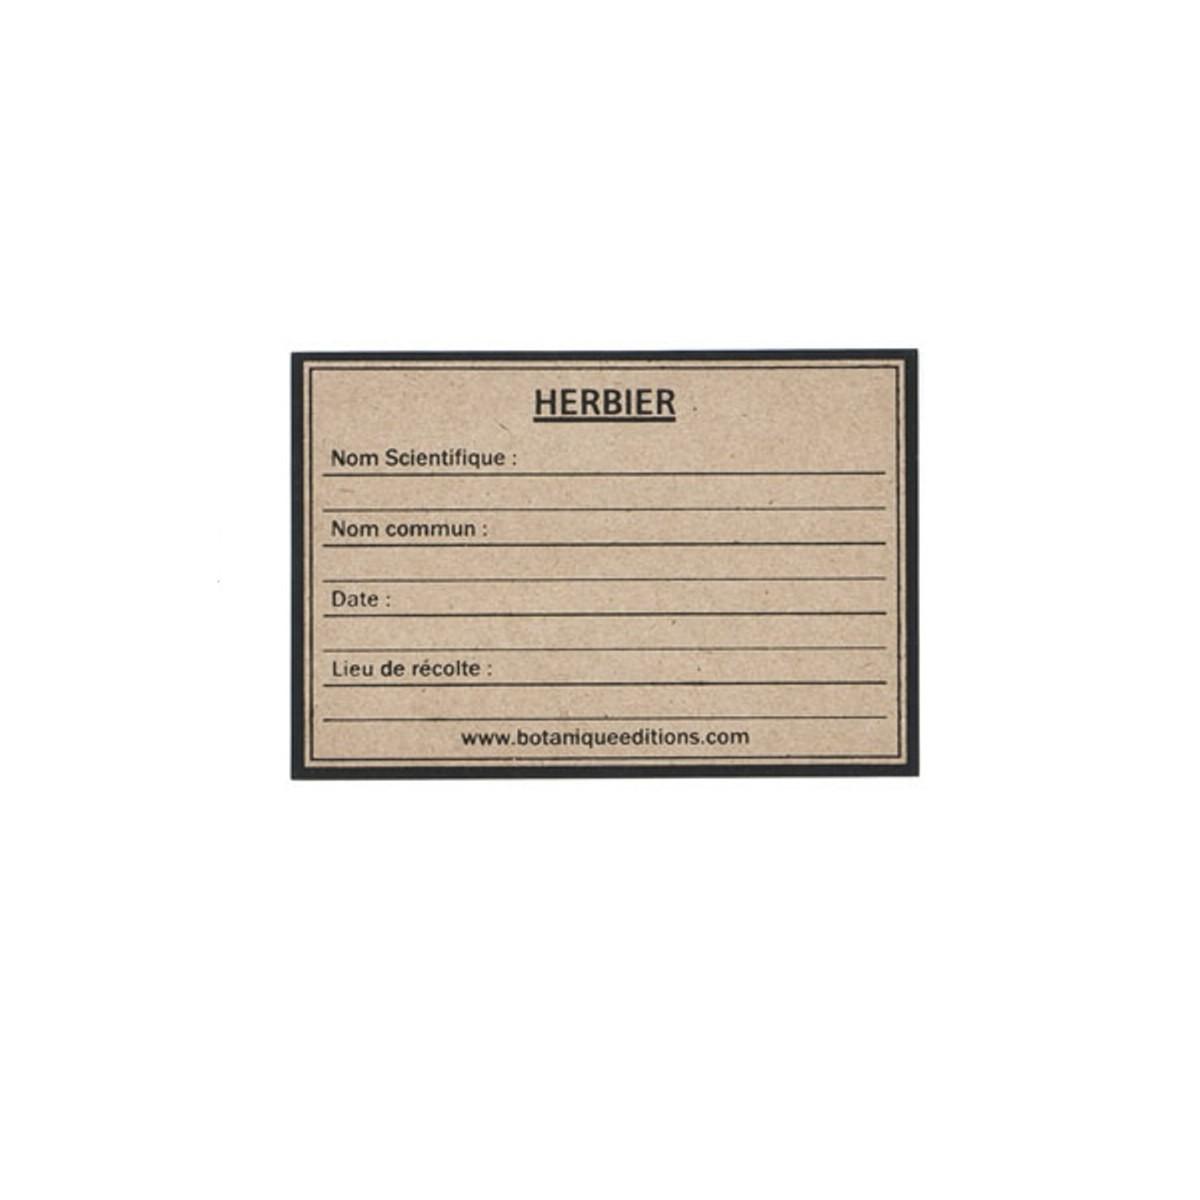 Assez Etiquettes pour Herbier Papier Kraft - Botanique Editions KX01